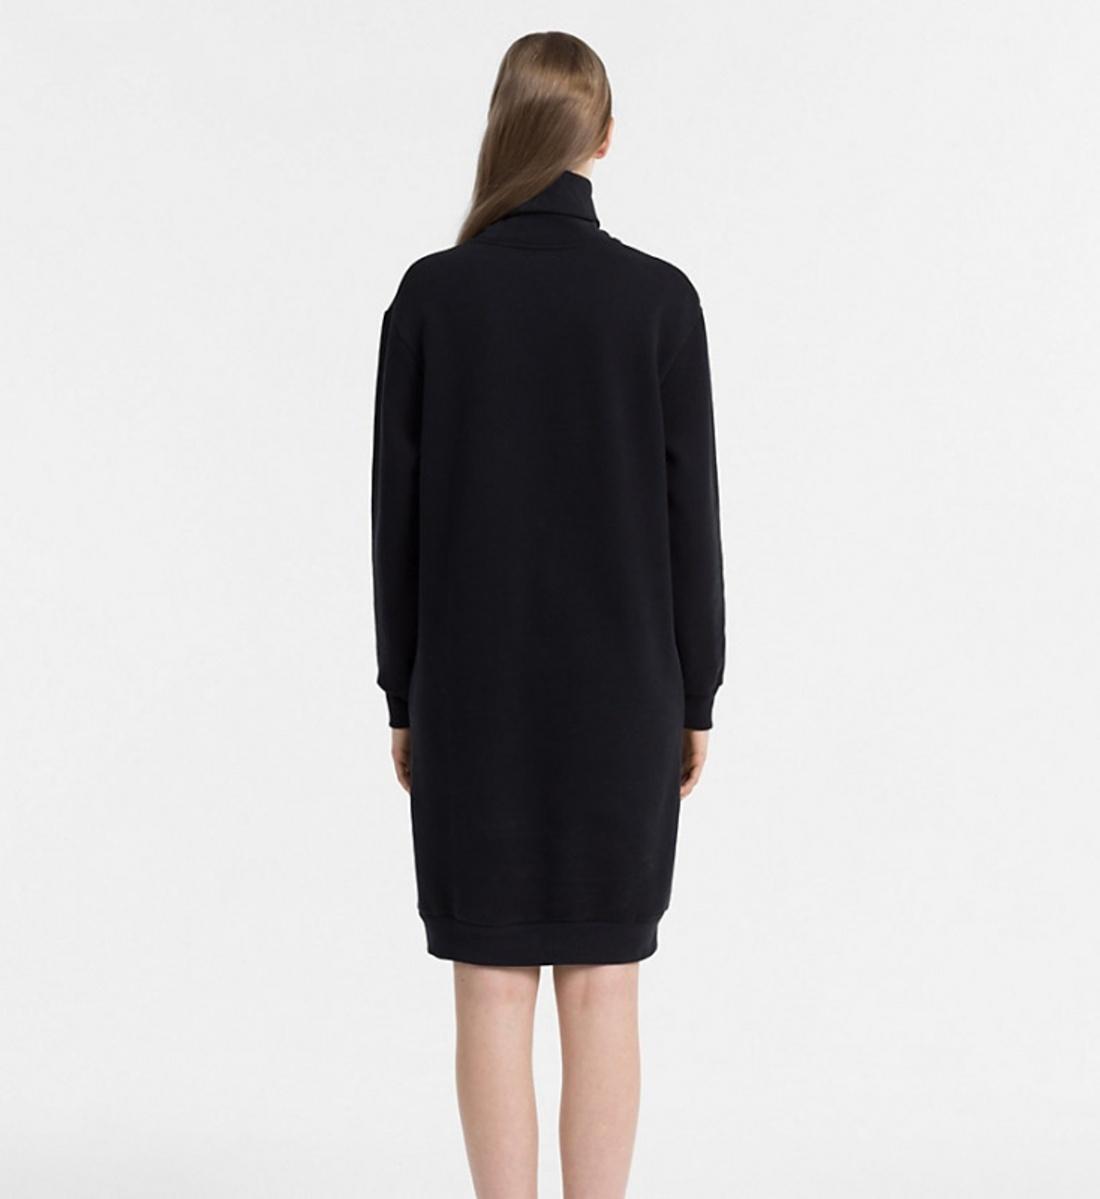 7369472e1a58 Calvin Klein dámské černé šaty Doll - Mode.cz